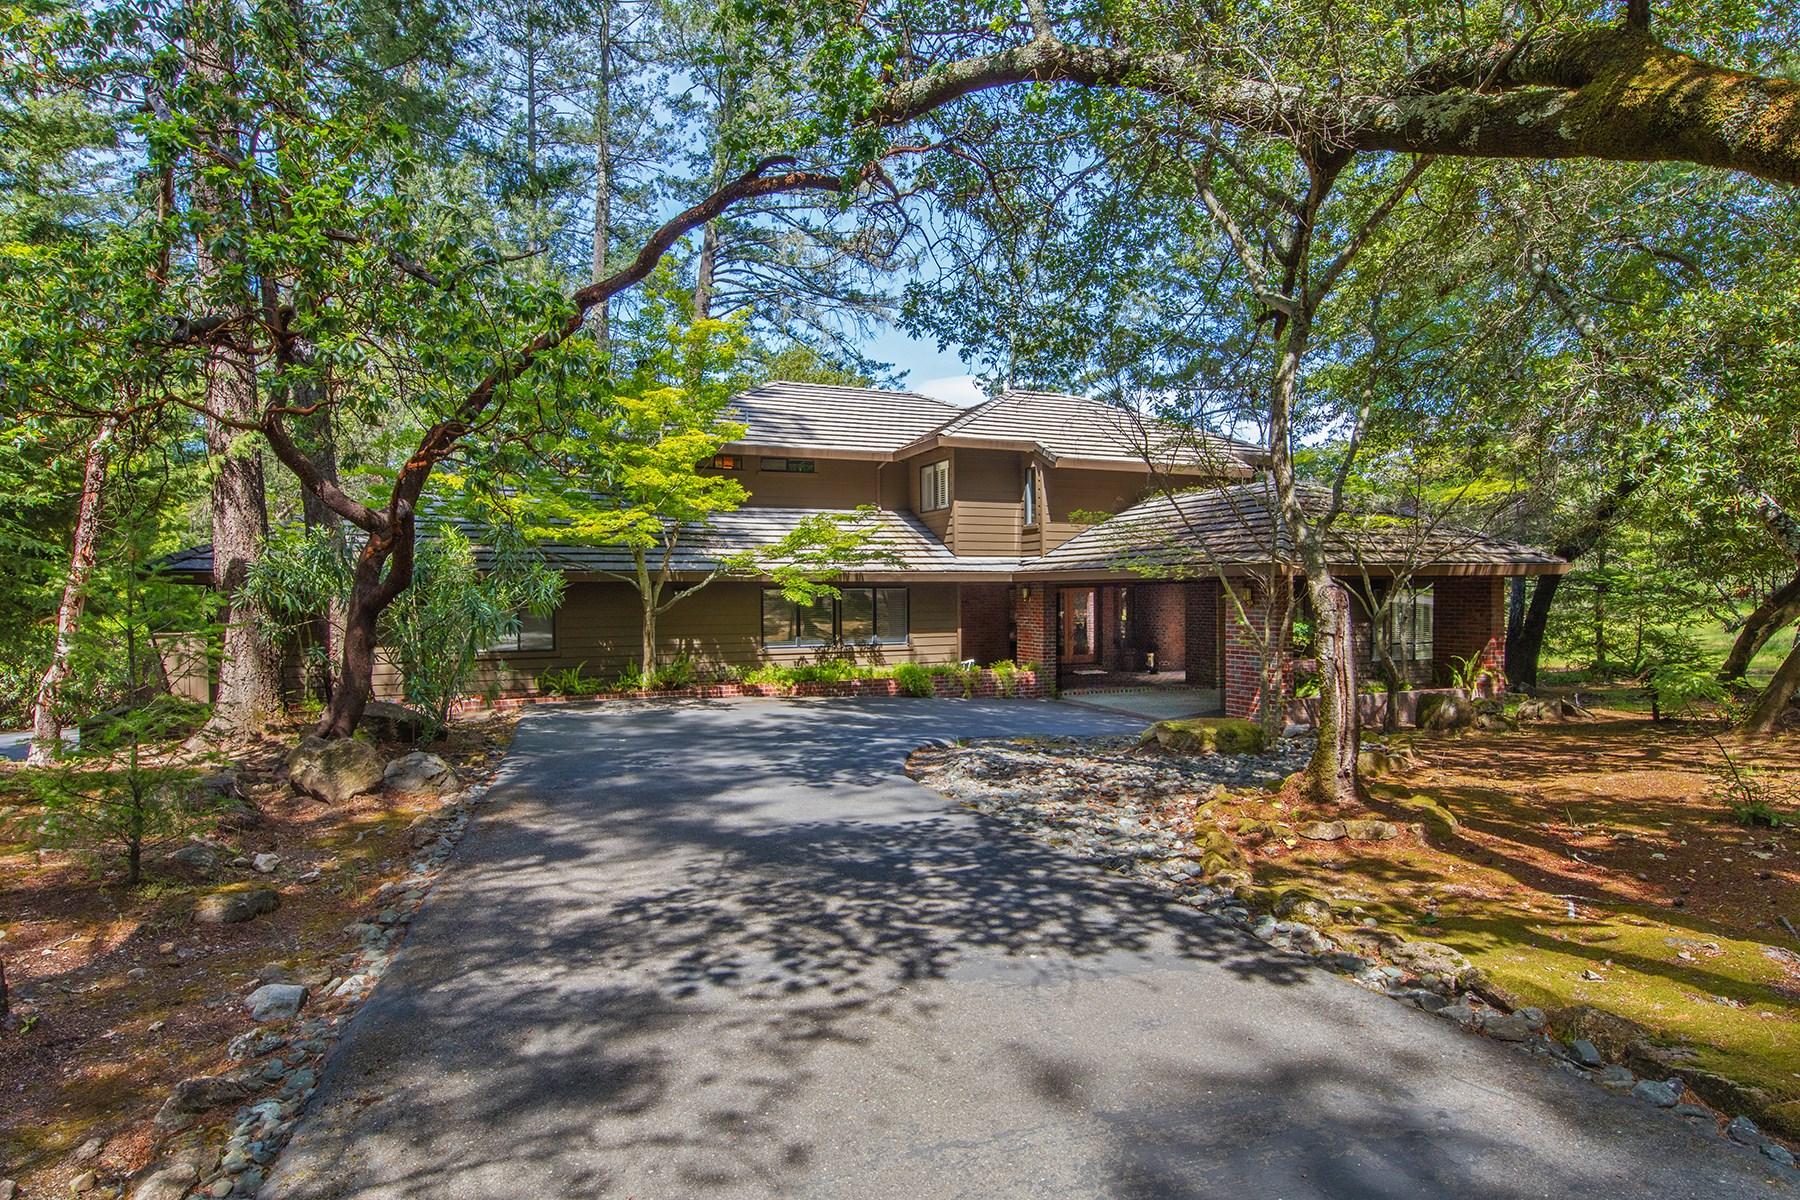 Moradia para Venda às Spacious Custom Wine Country Home 1350 White Oak Dr Santa Rosa, Califórnia, 95409 Estados Unidos